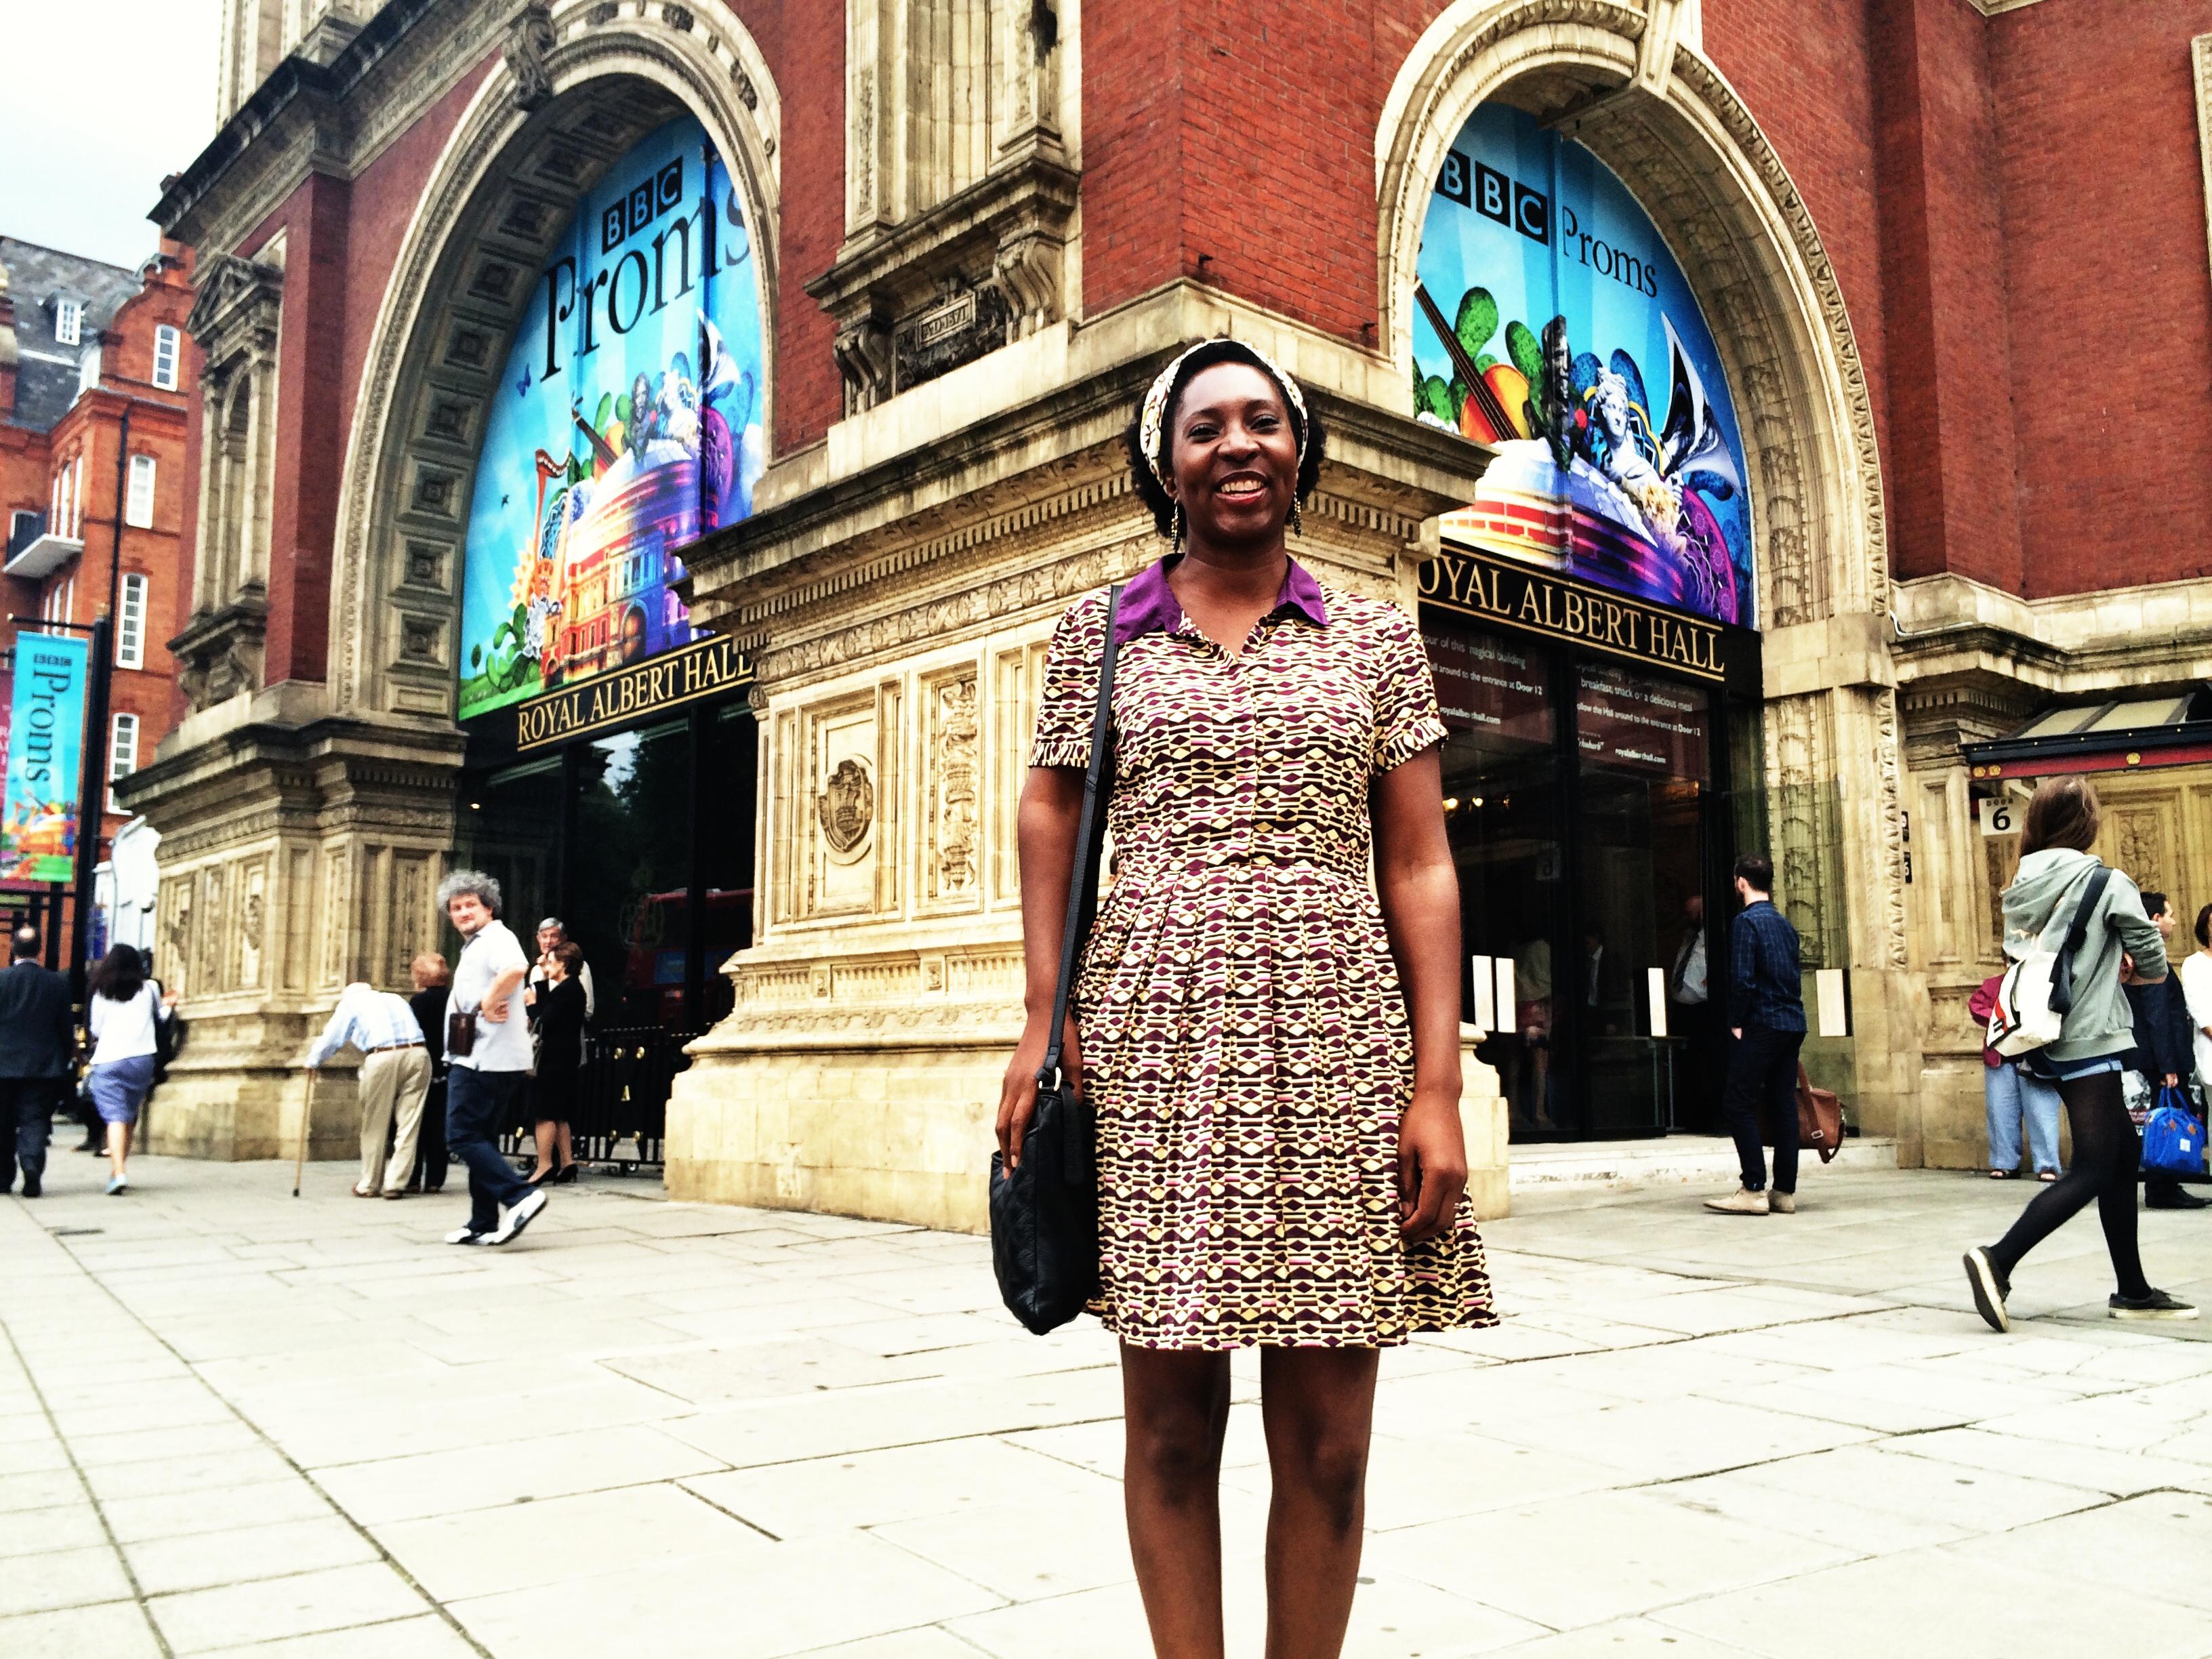 Wendy at The Royal Albert Hall